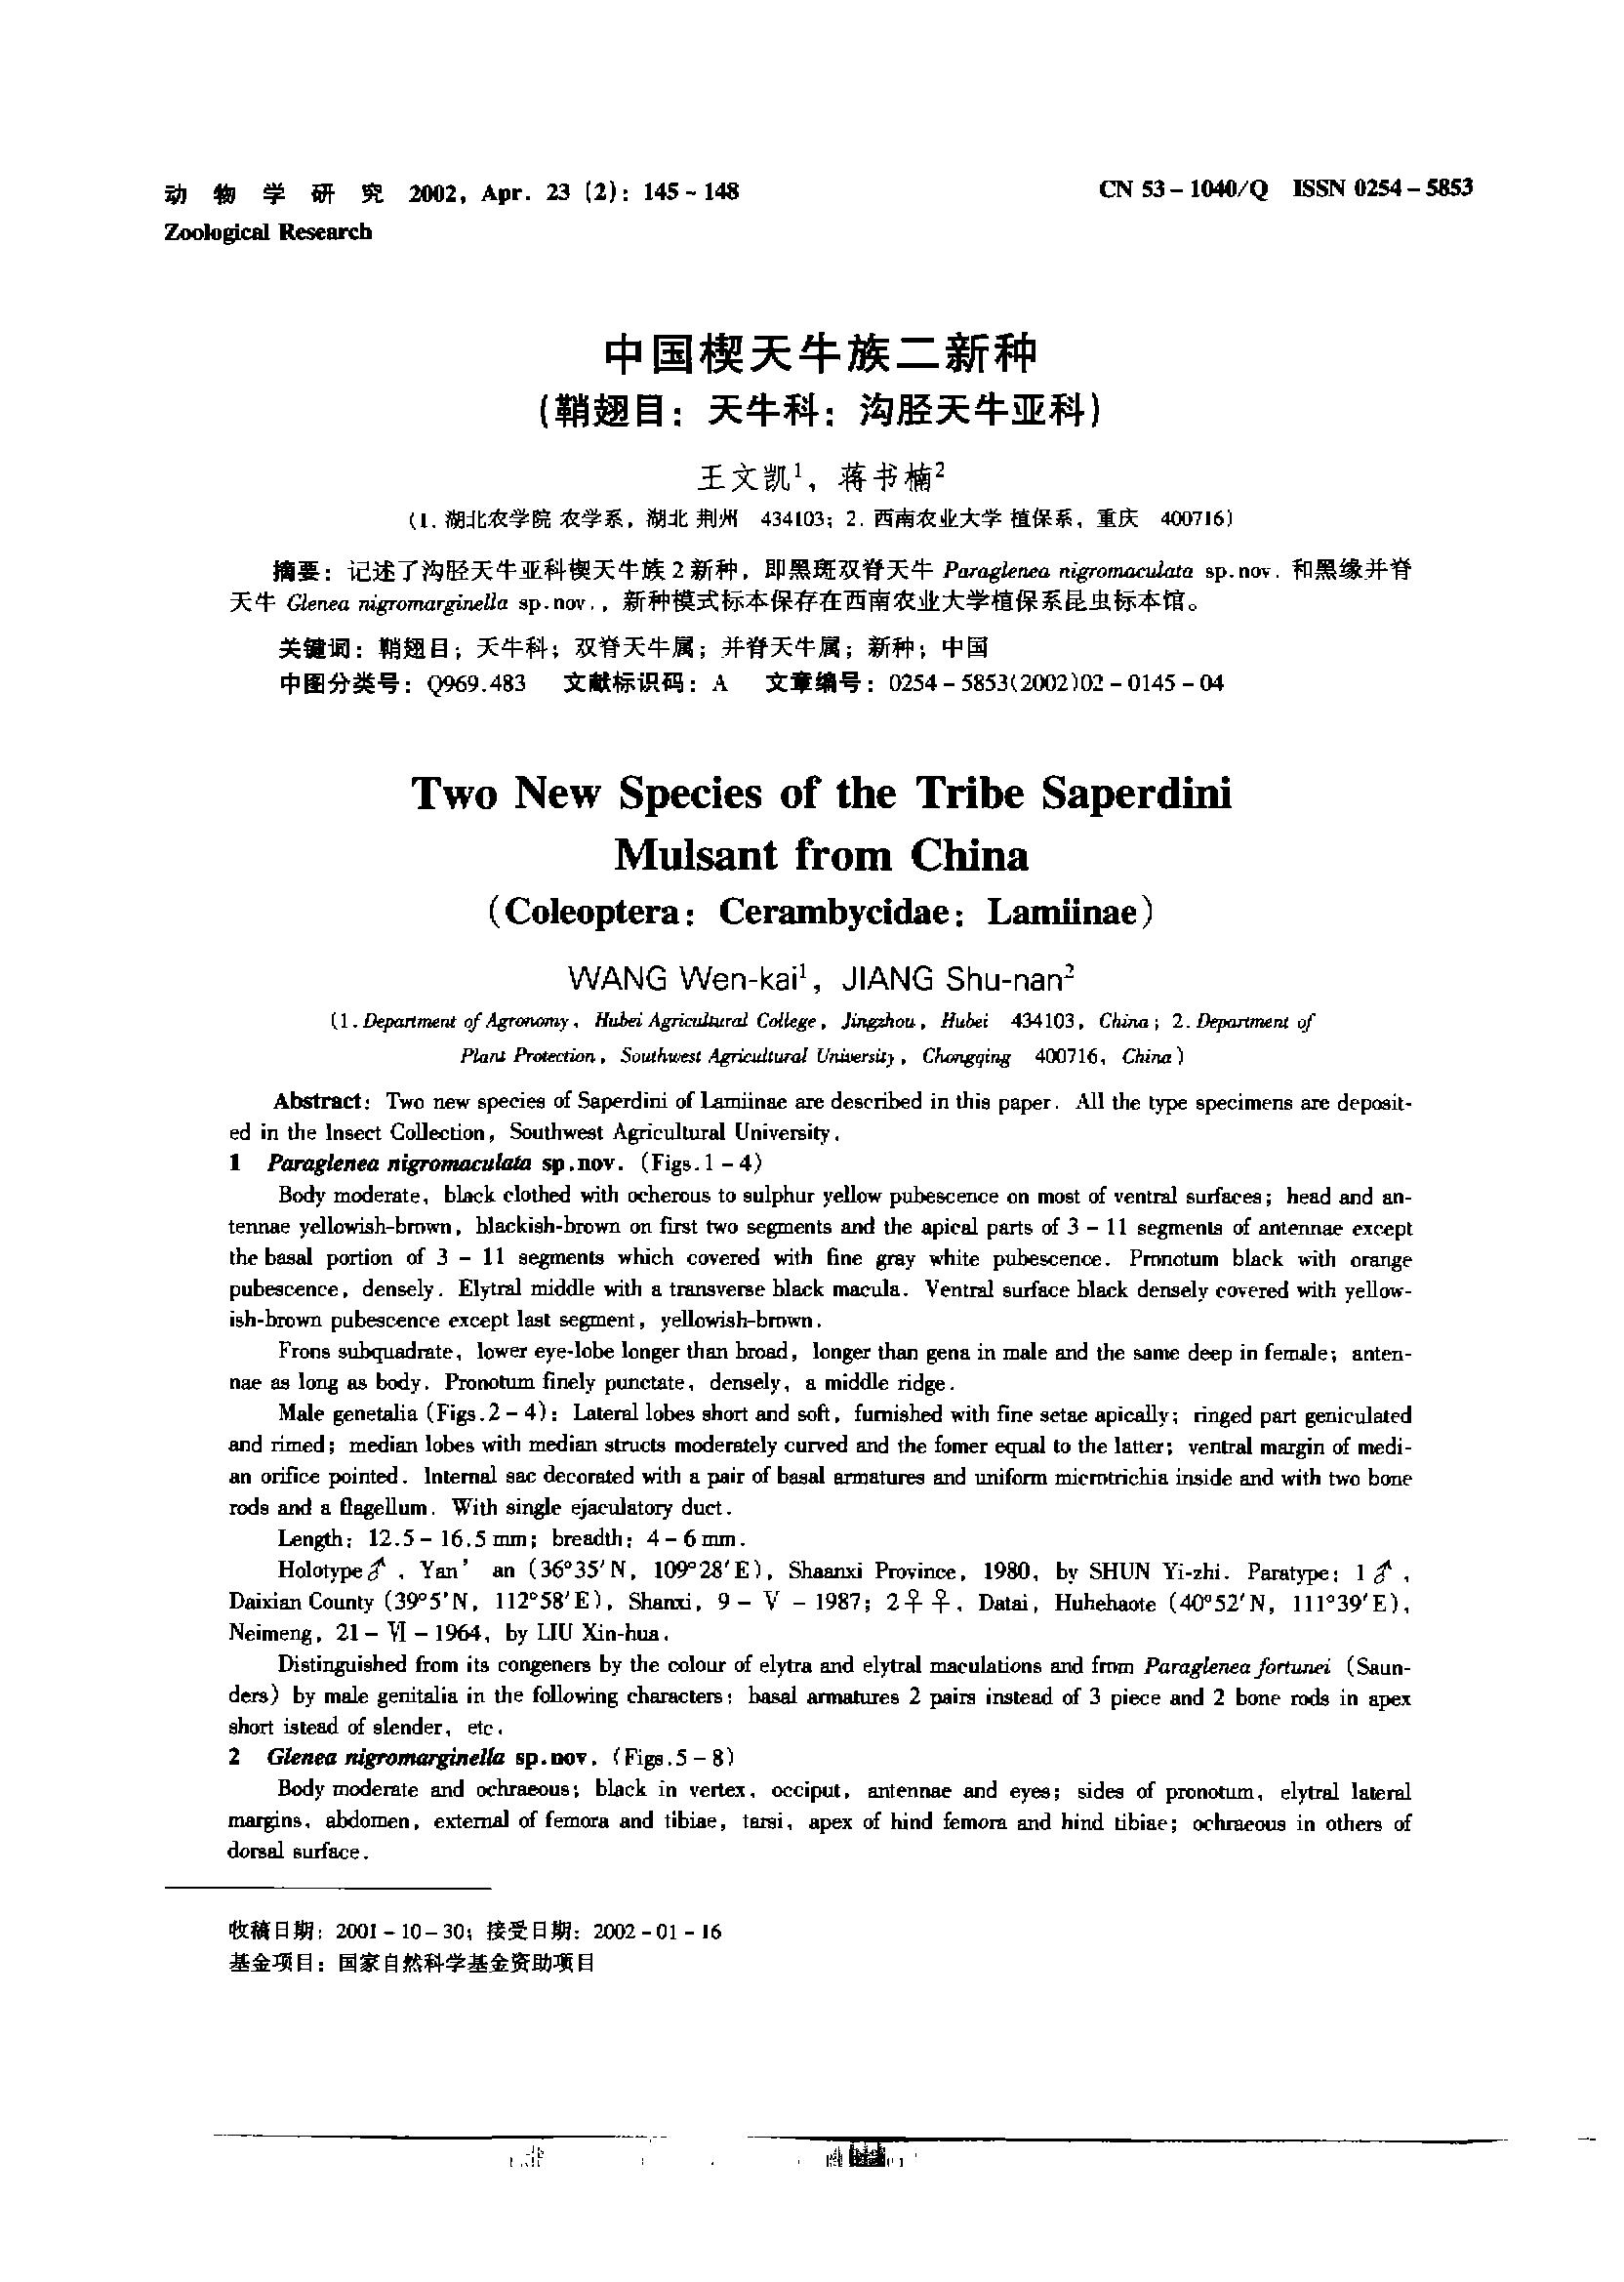 中国楔天牛族二新种(鞘翅目:天牛科:沟胫天牛亚科)